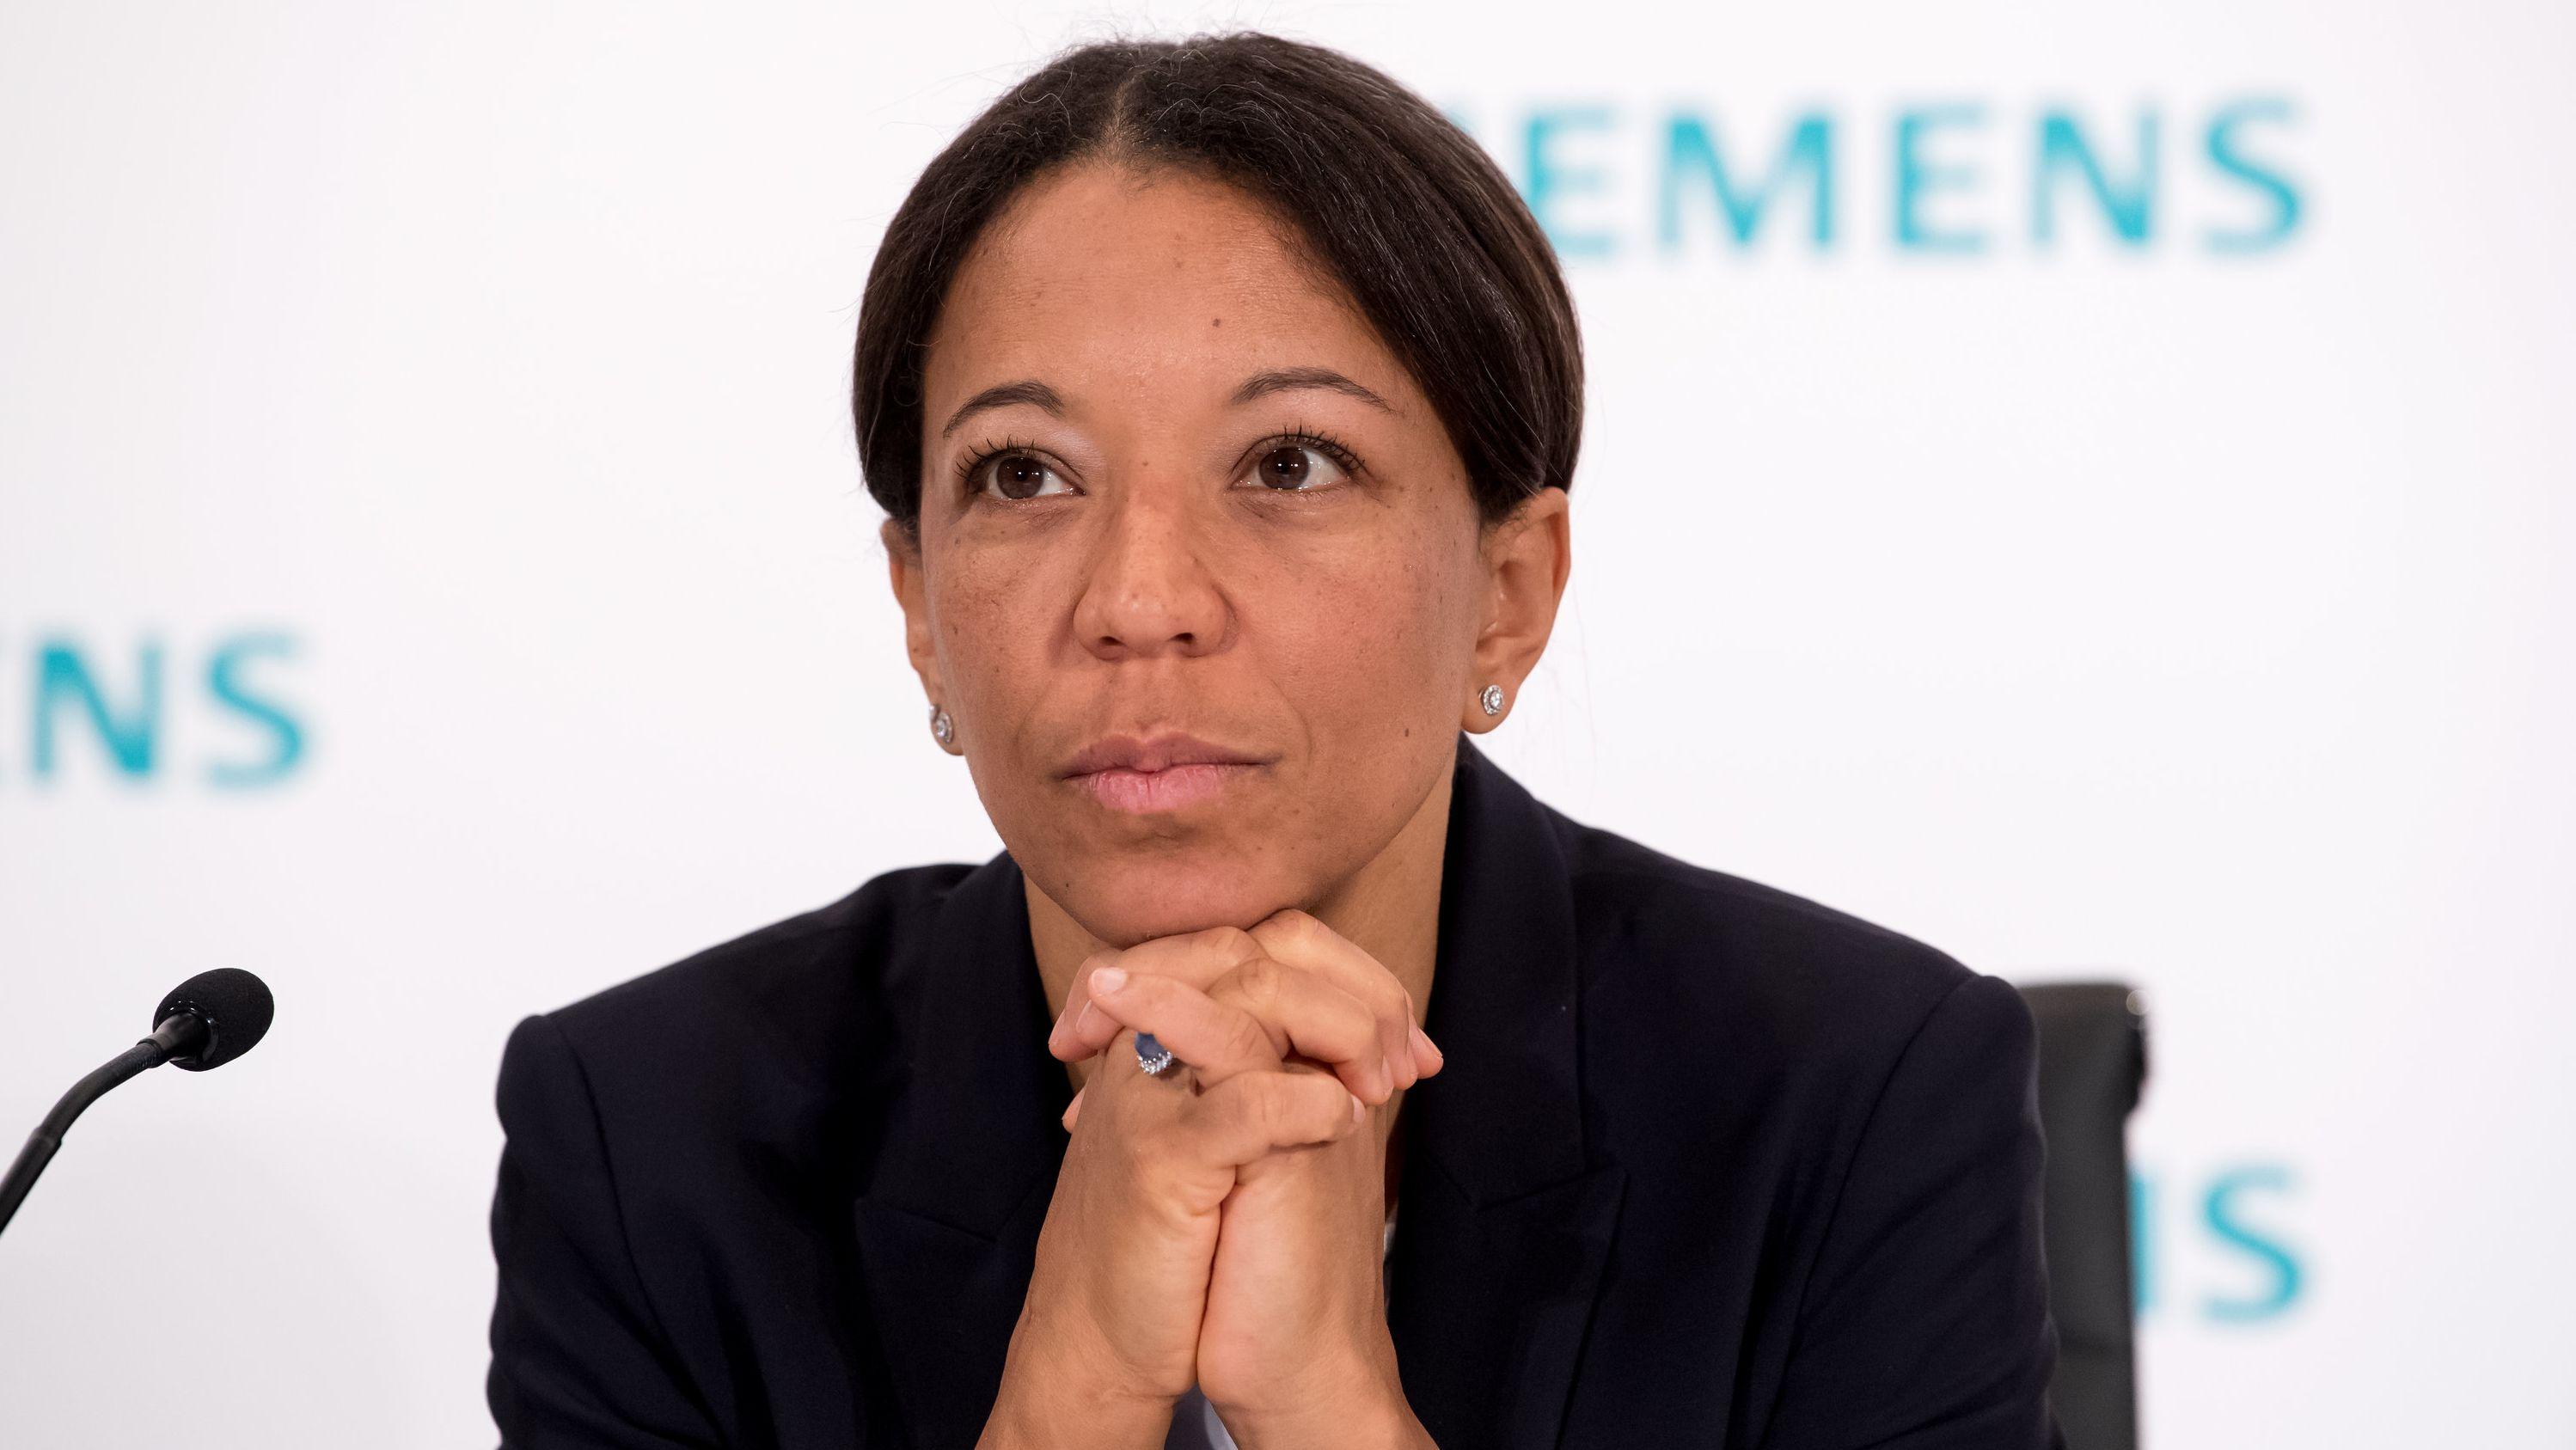 Janina Kugel, Vorstandsmitglied und Leiterin des Personalwesens der Siemens AG